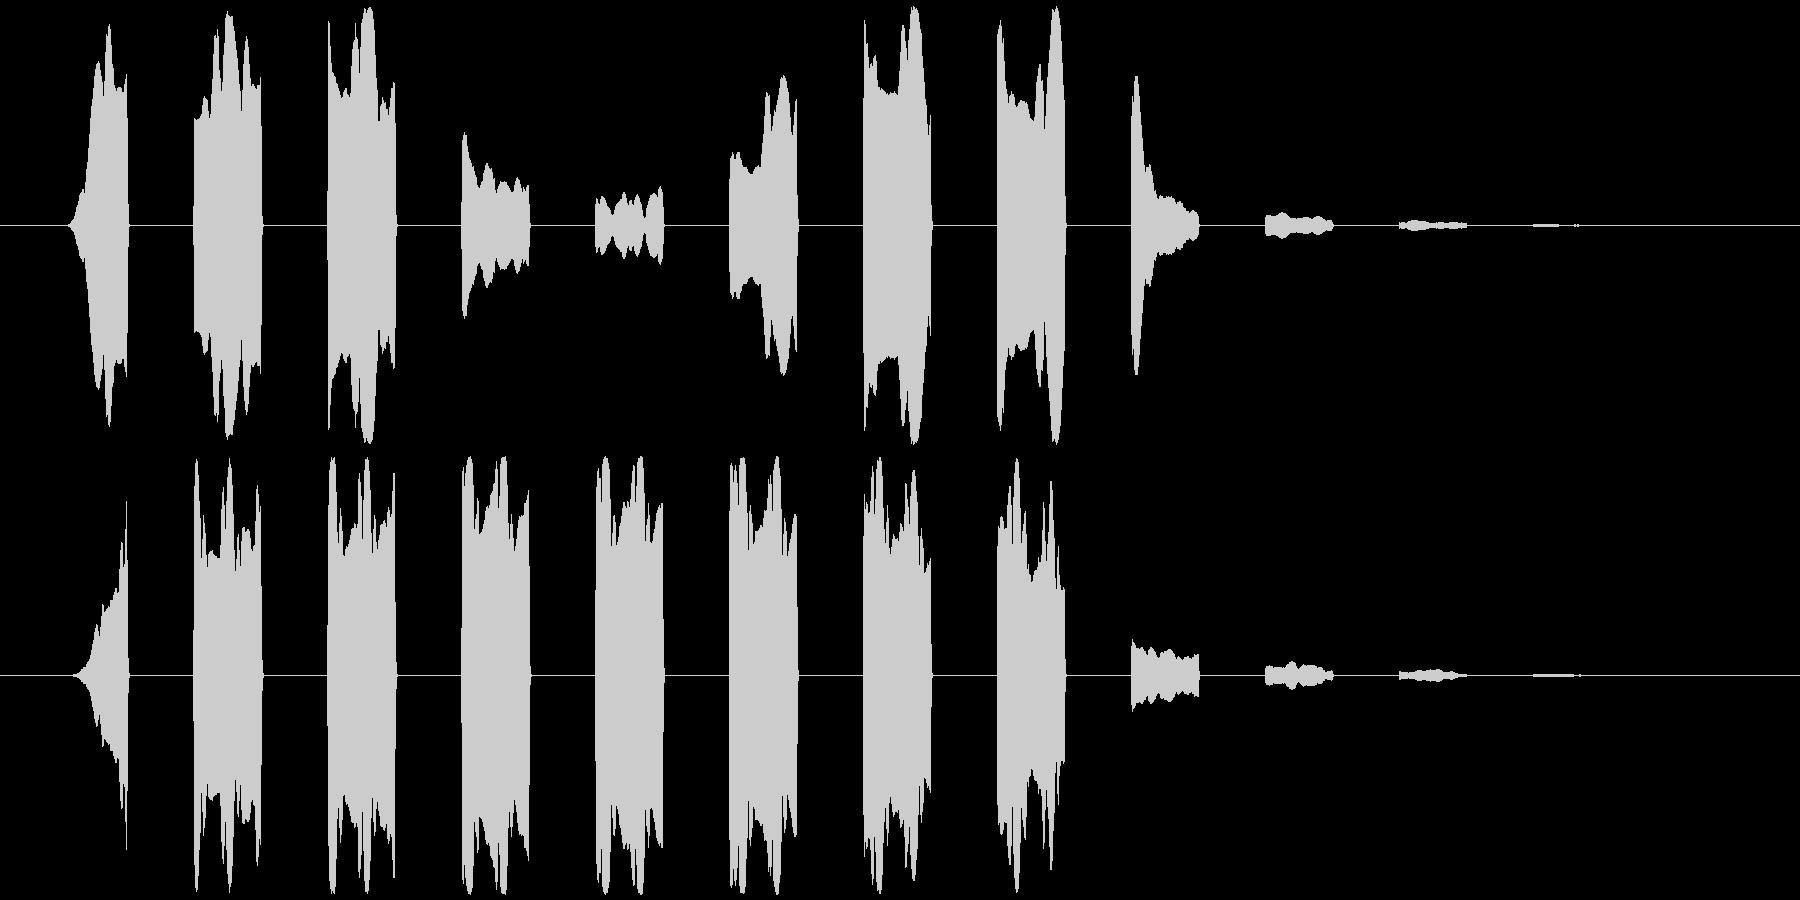 パッの連音(通り過ぎる感じの音)の未再生の波形